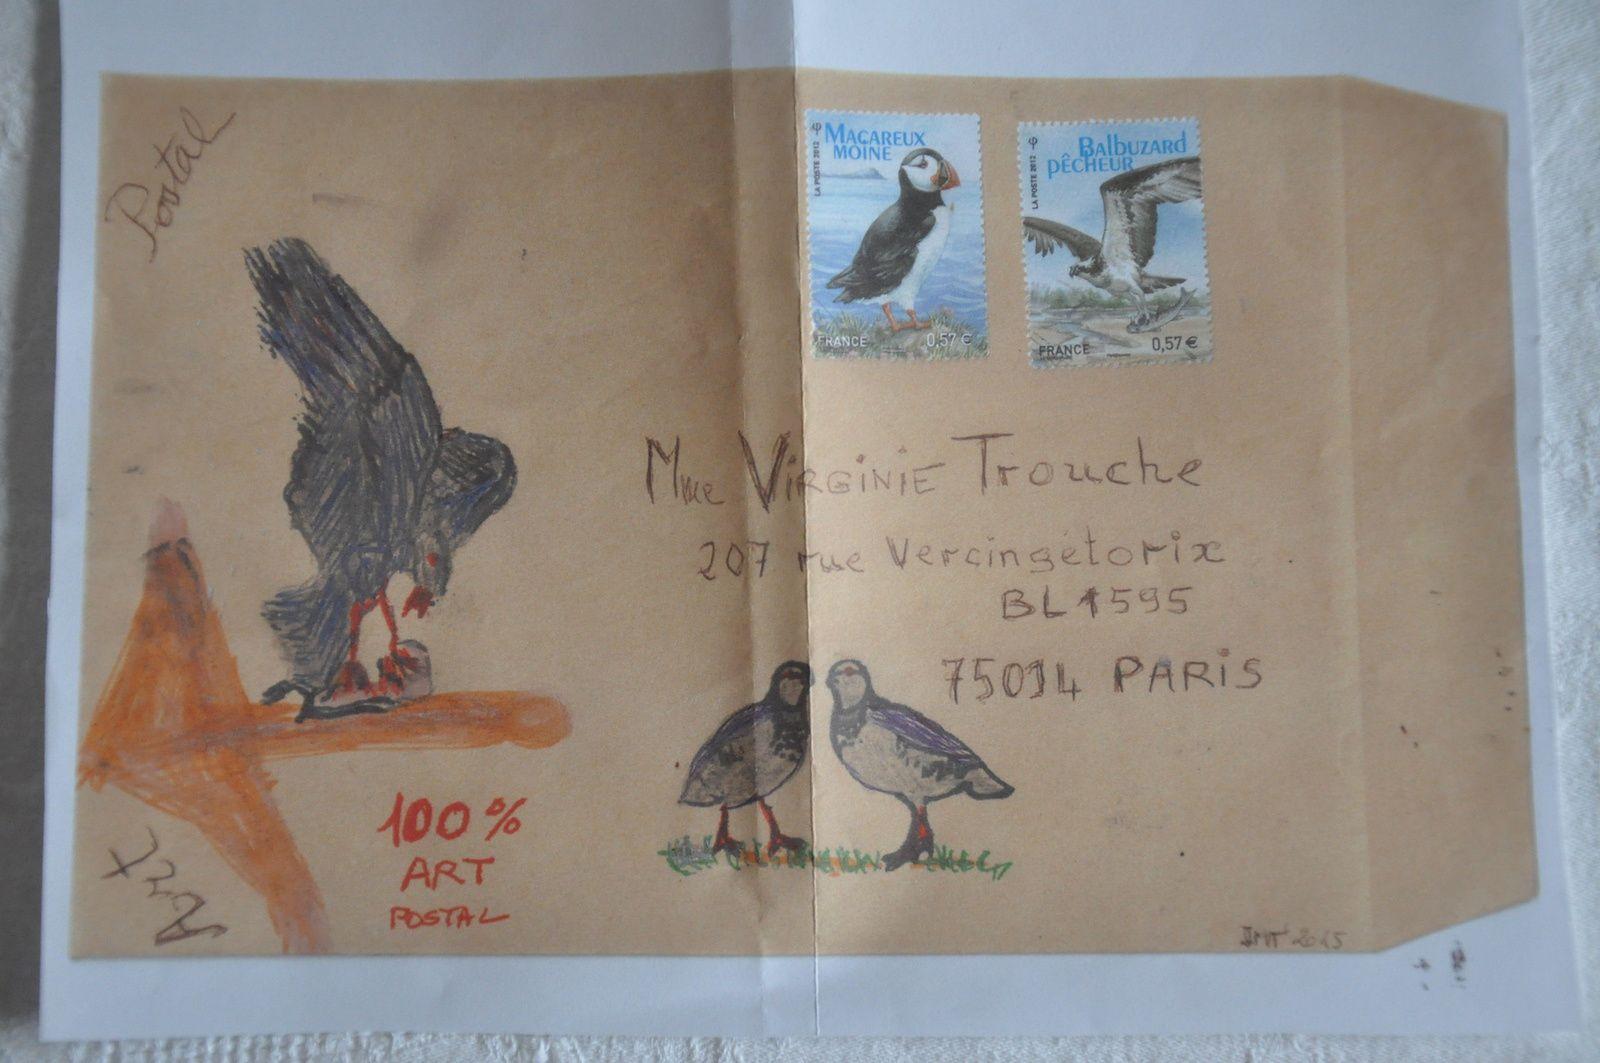 Bravo à Jean-Michel Trouche qui à la suite de notre rencontre débute en Art postal...